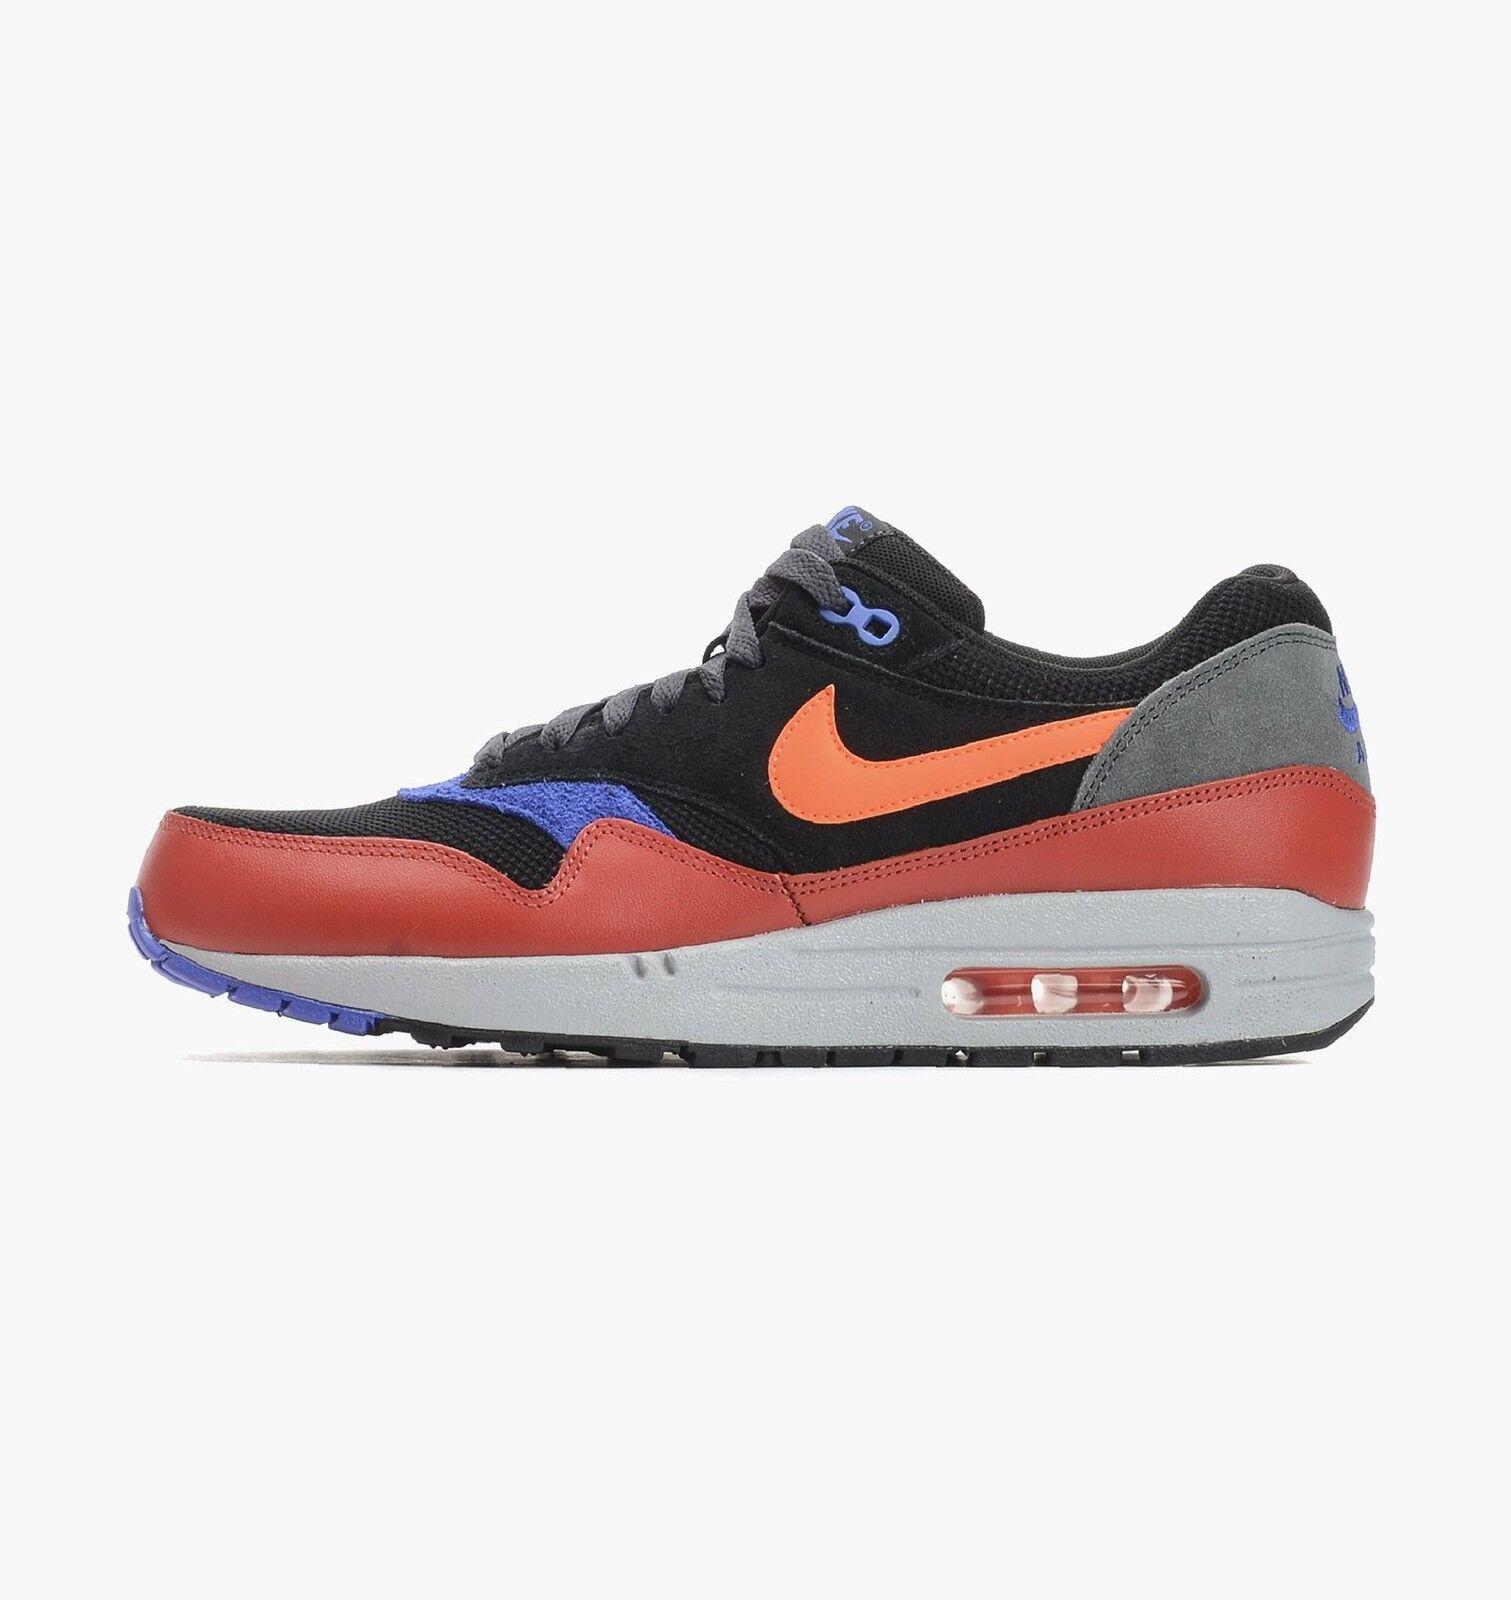 Nike Air Max 1 Essential Black Hyper Crimson 537383 017